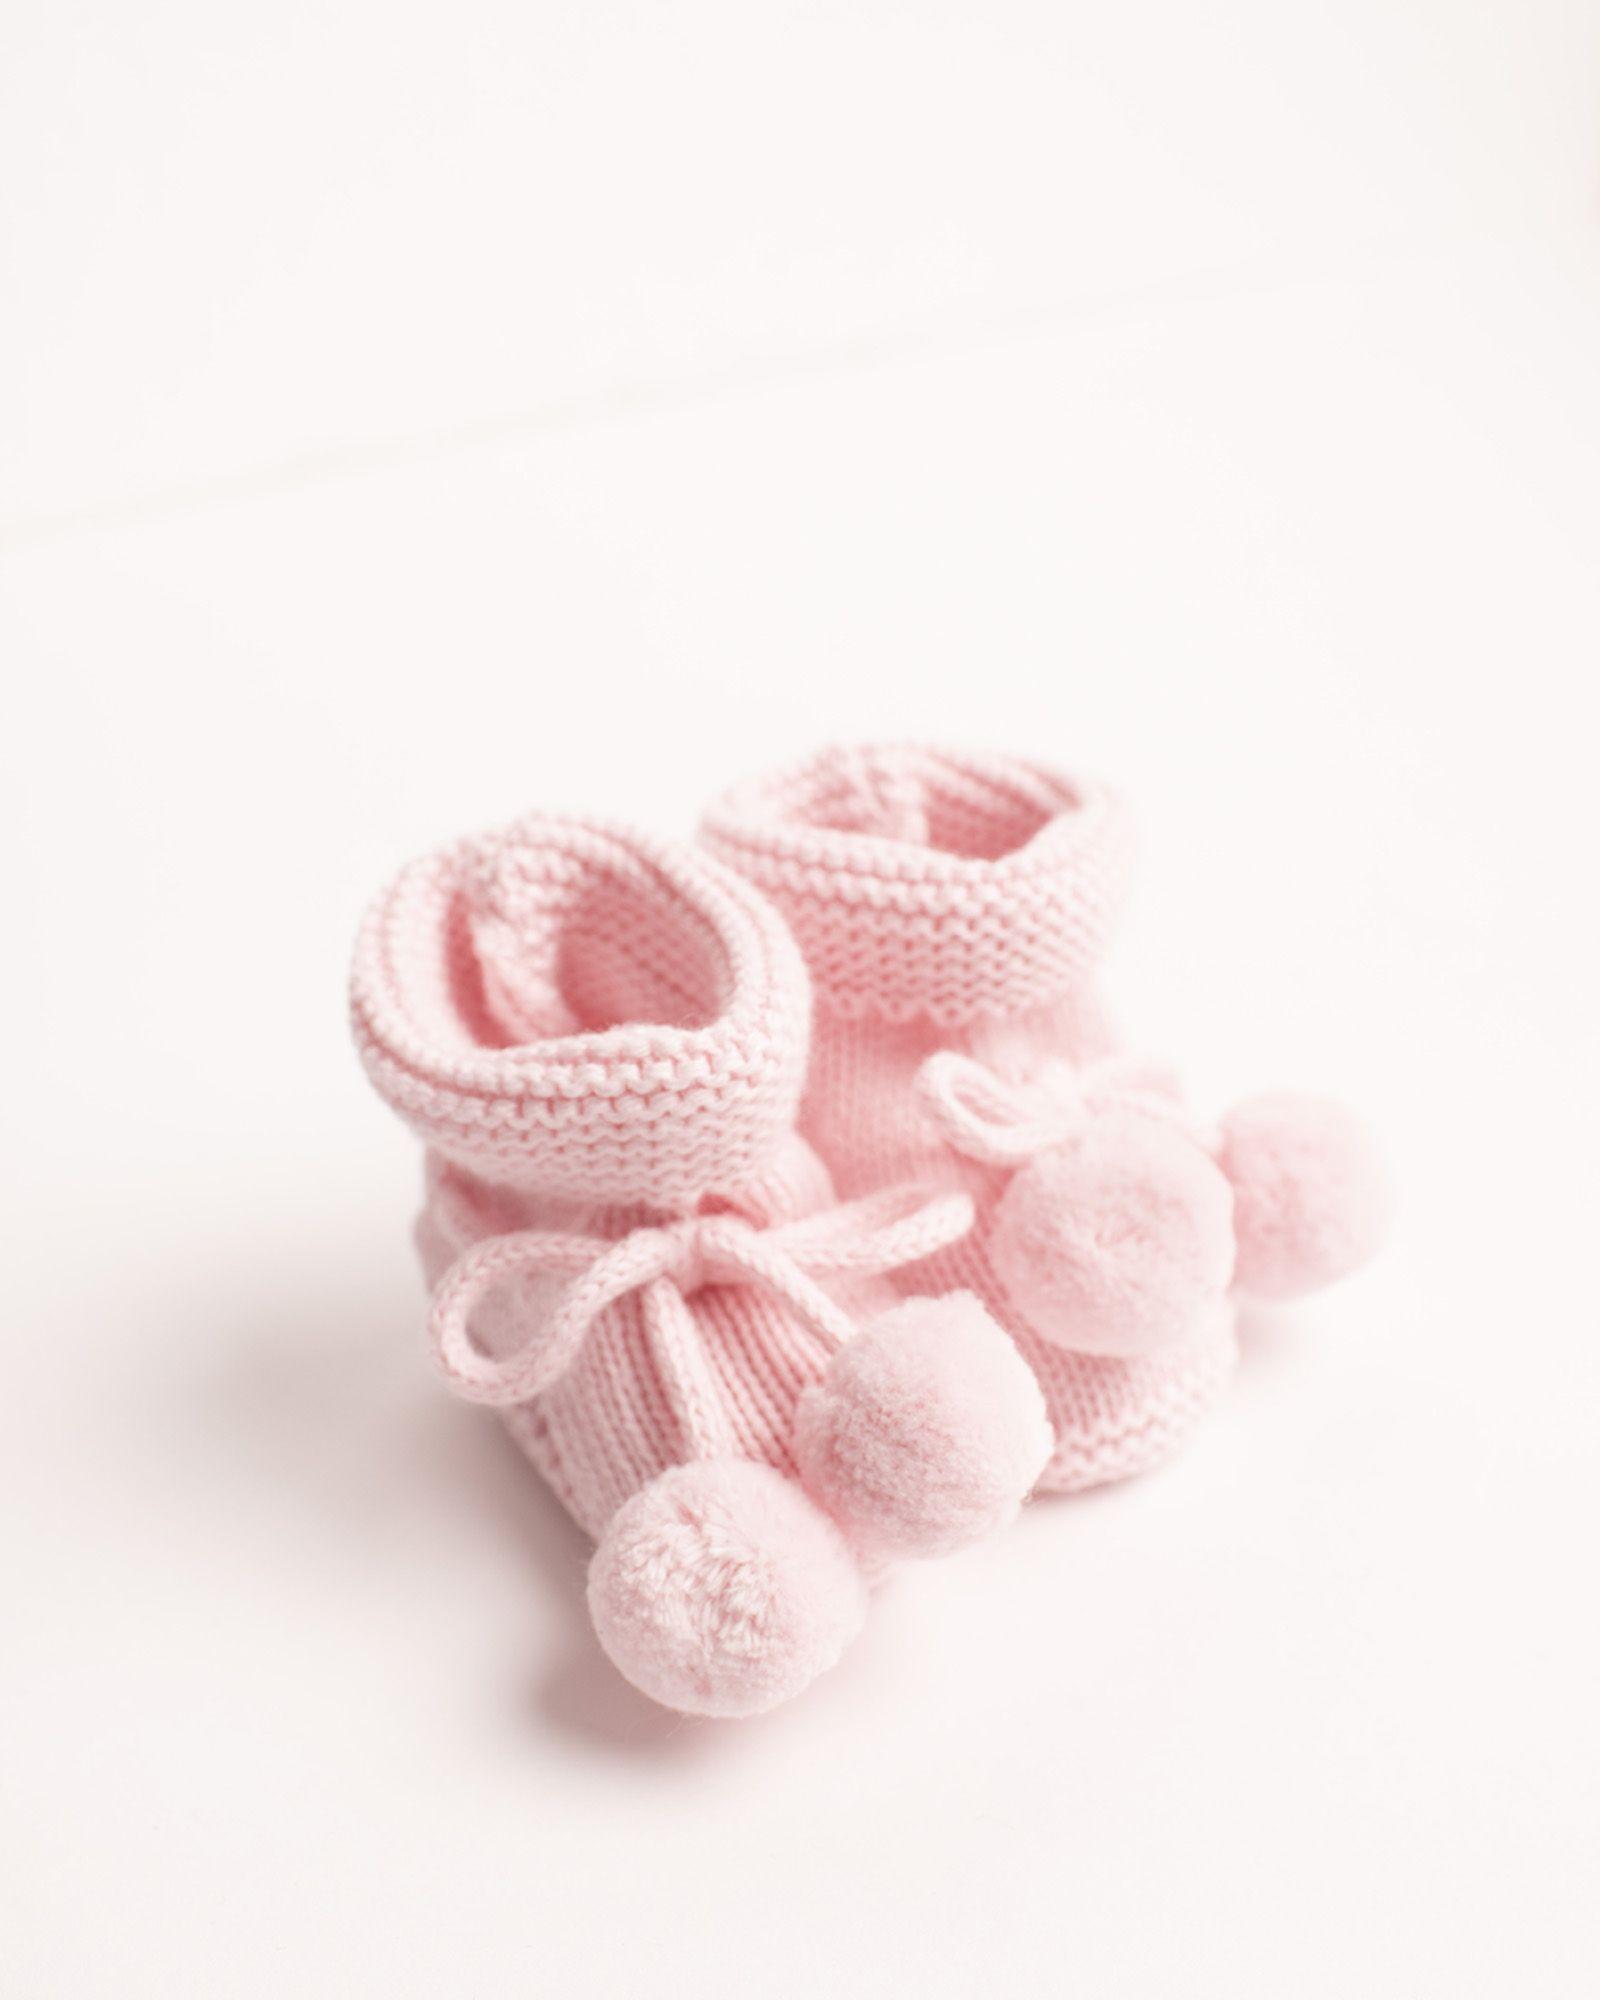 bb6b0a9ba Patuco de tricotosa en rosa bebé  neckandneck  essentialcollection ...